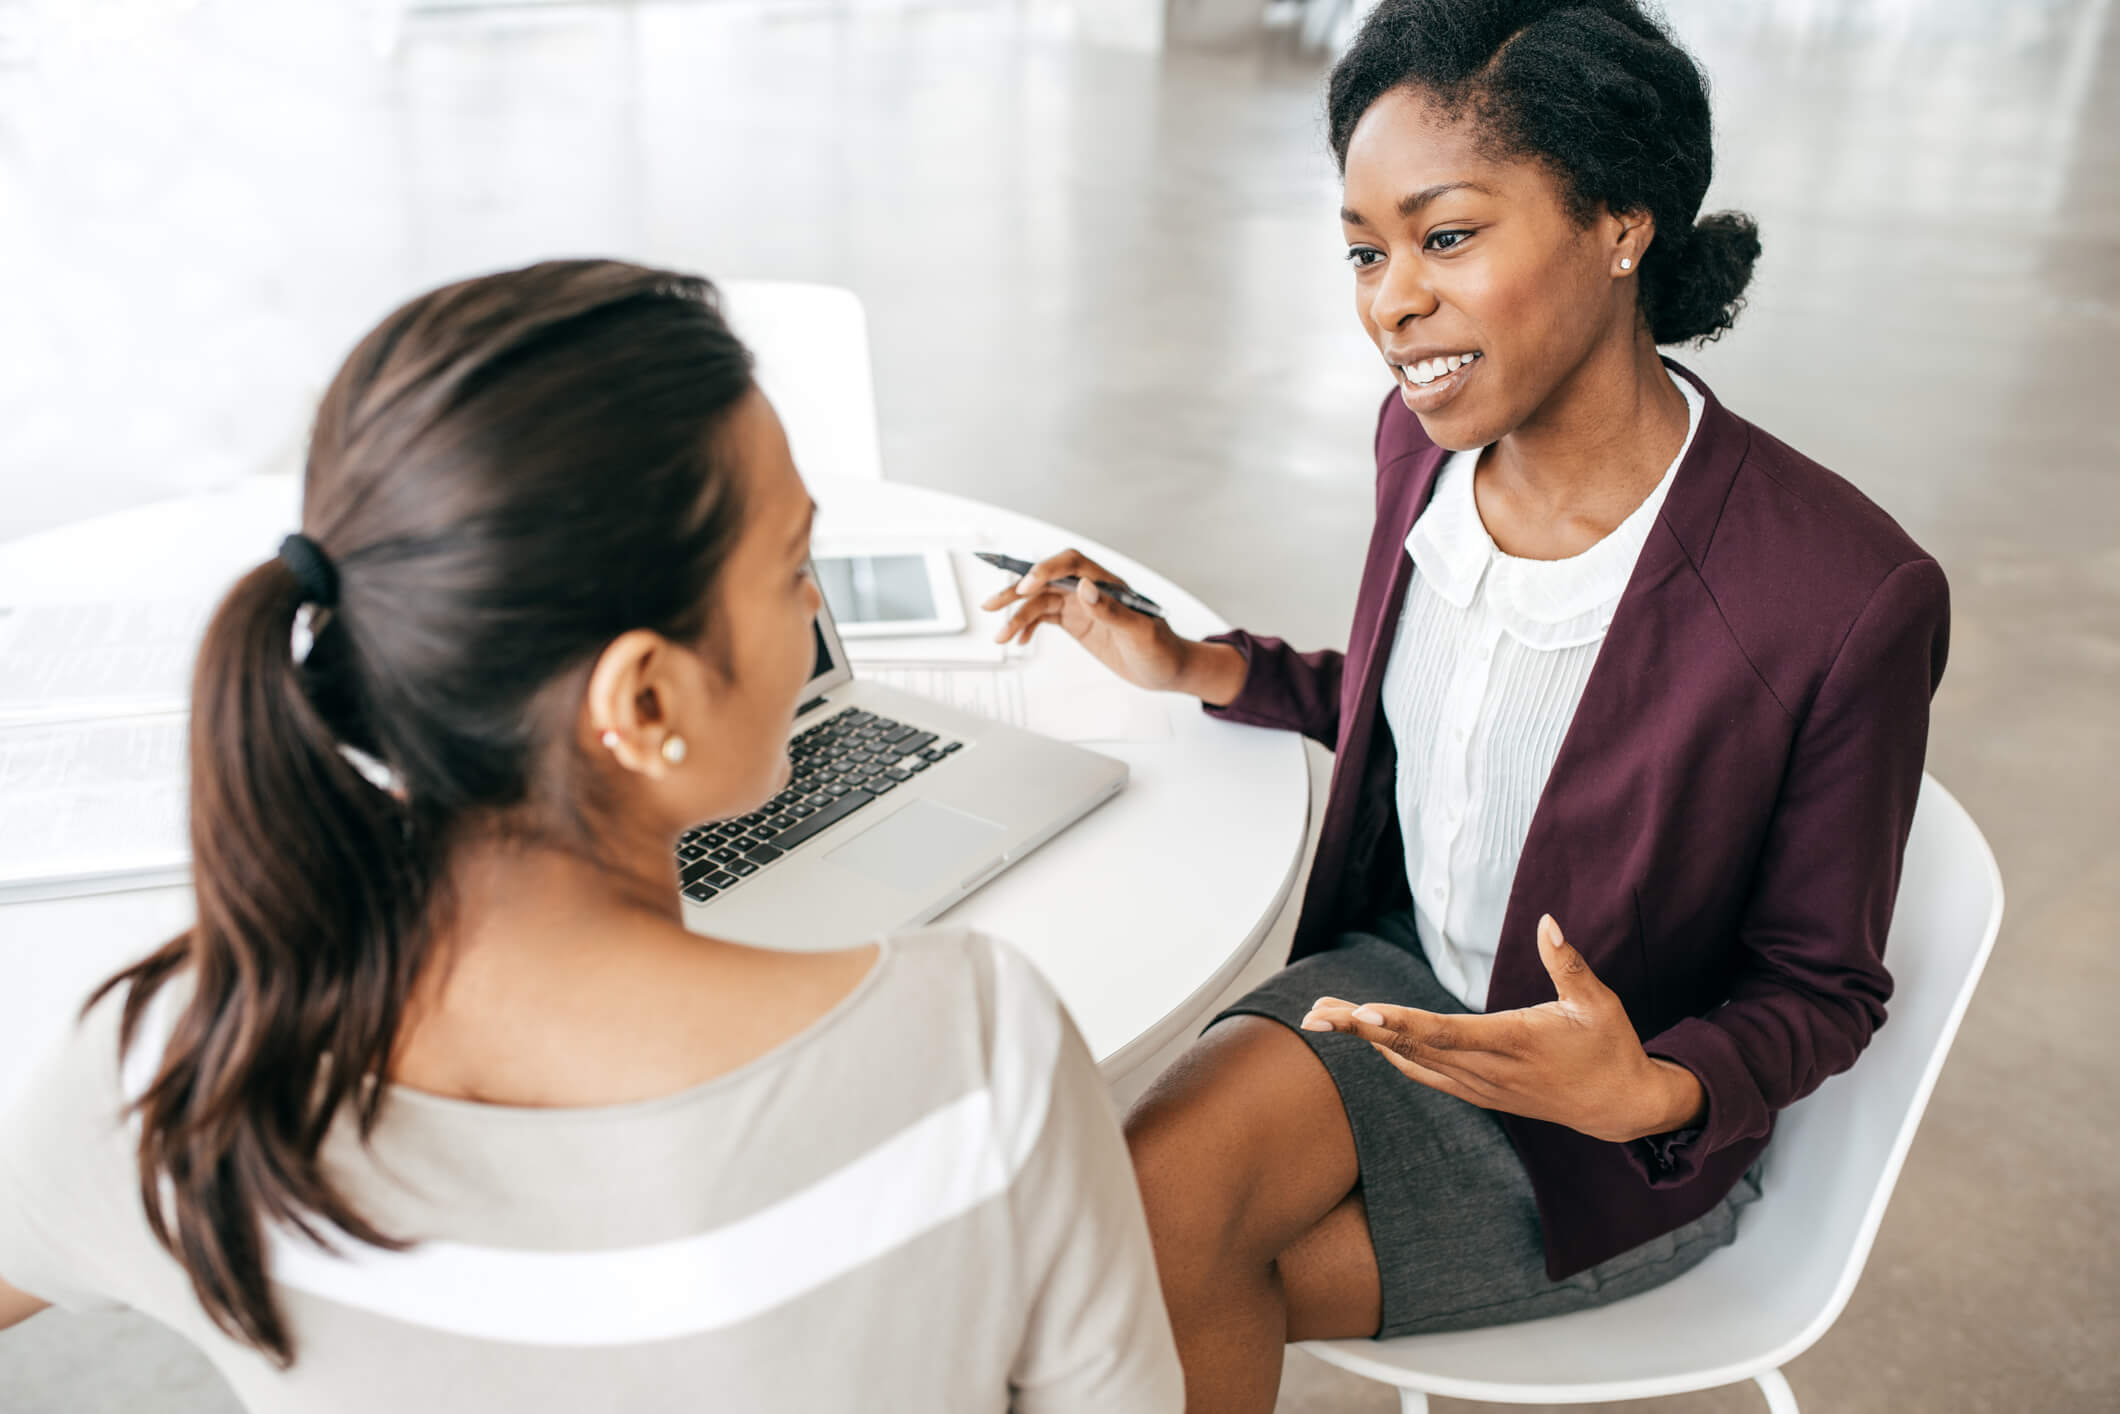 Confira 6 dicas para uma gestão de conflitos eficiente